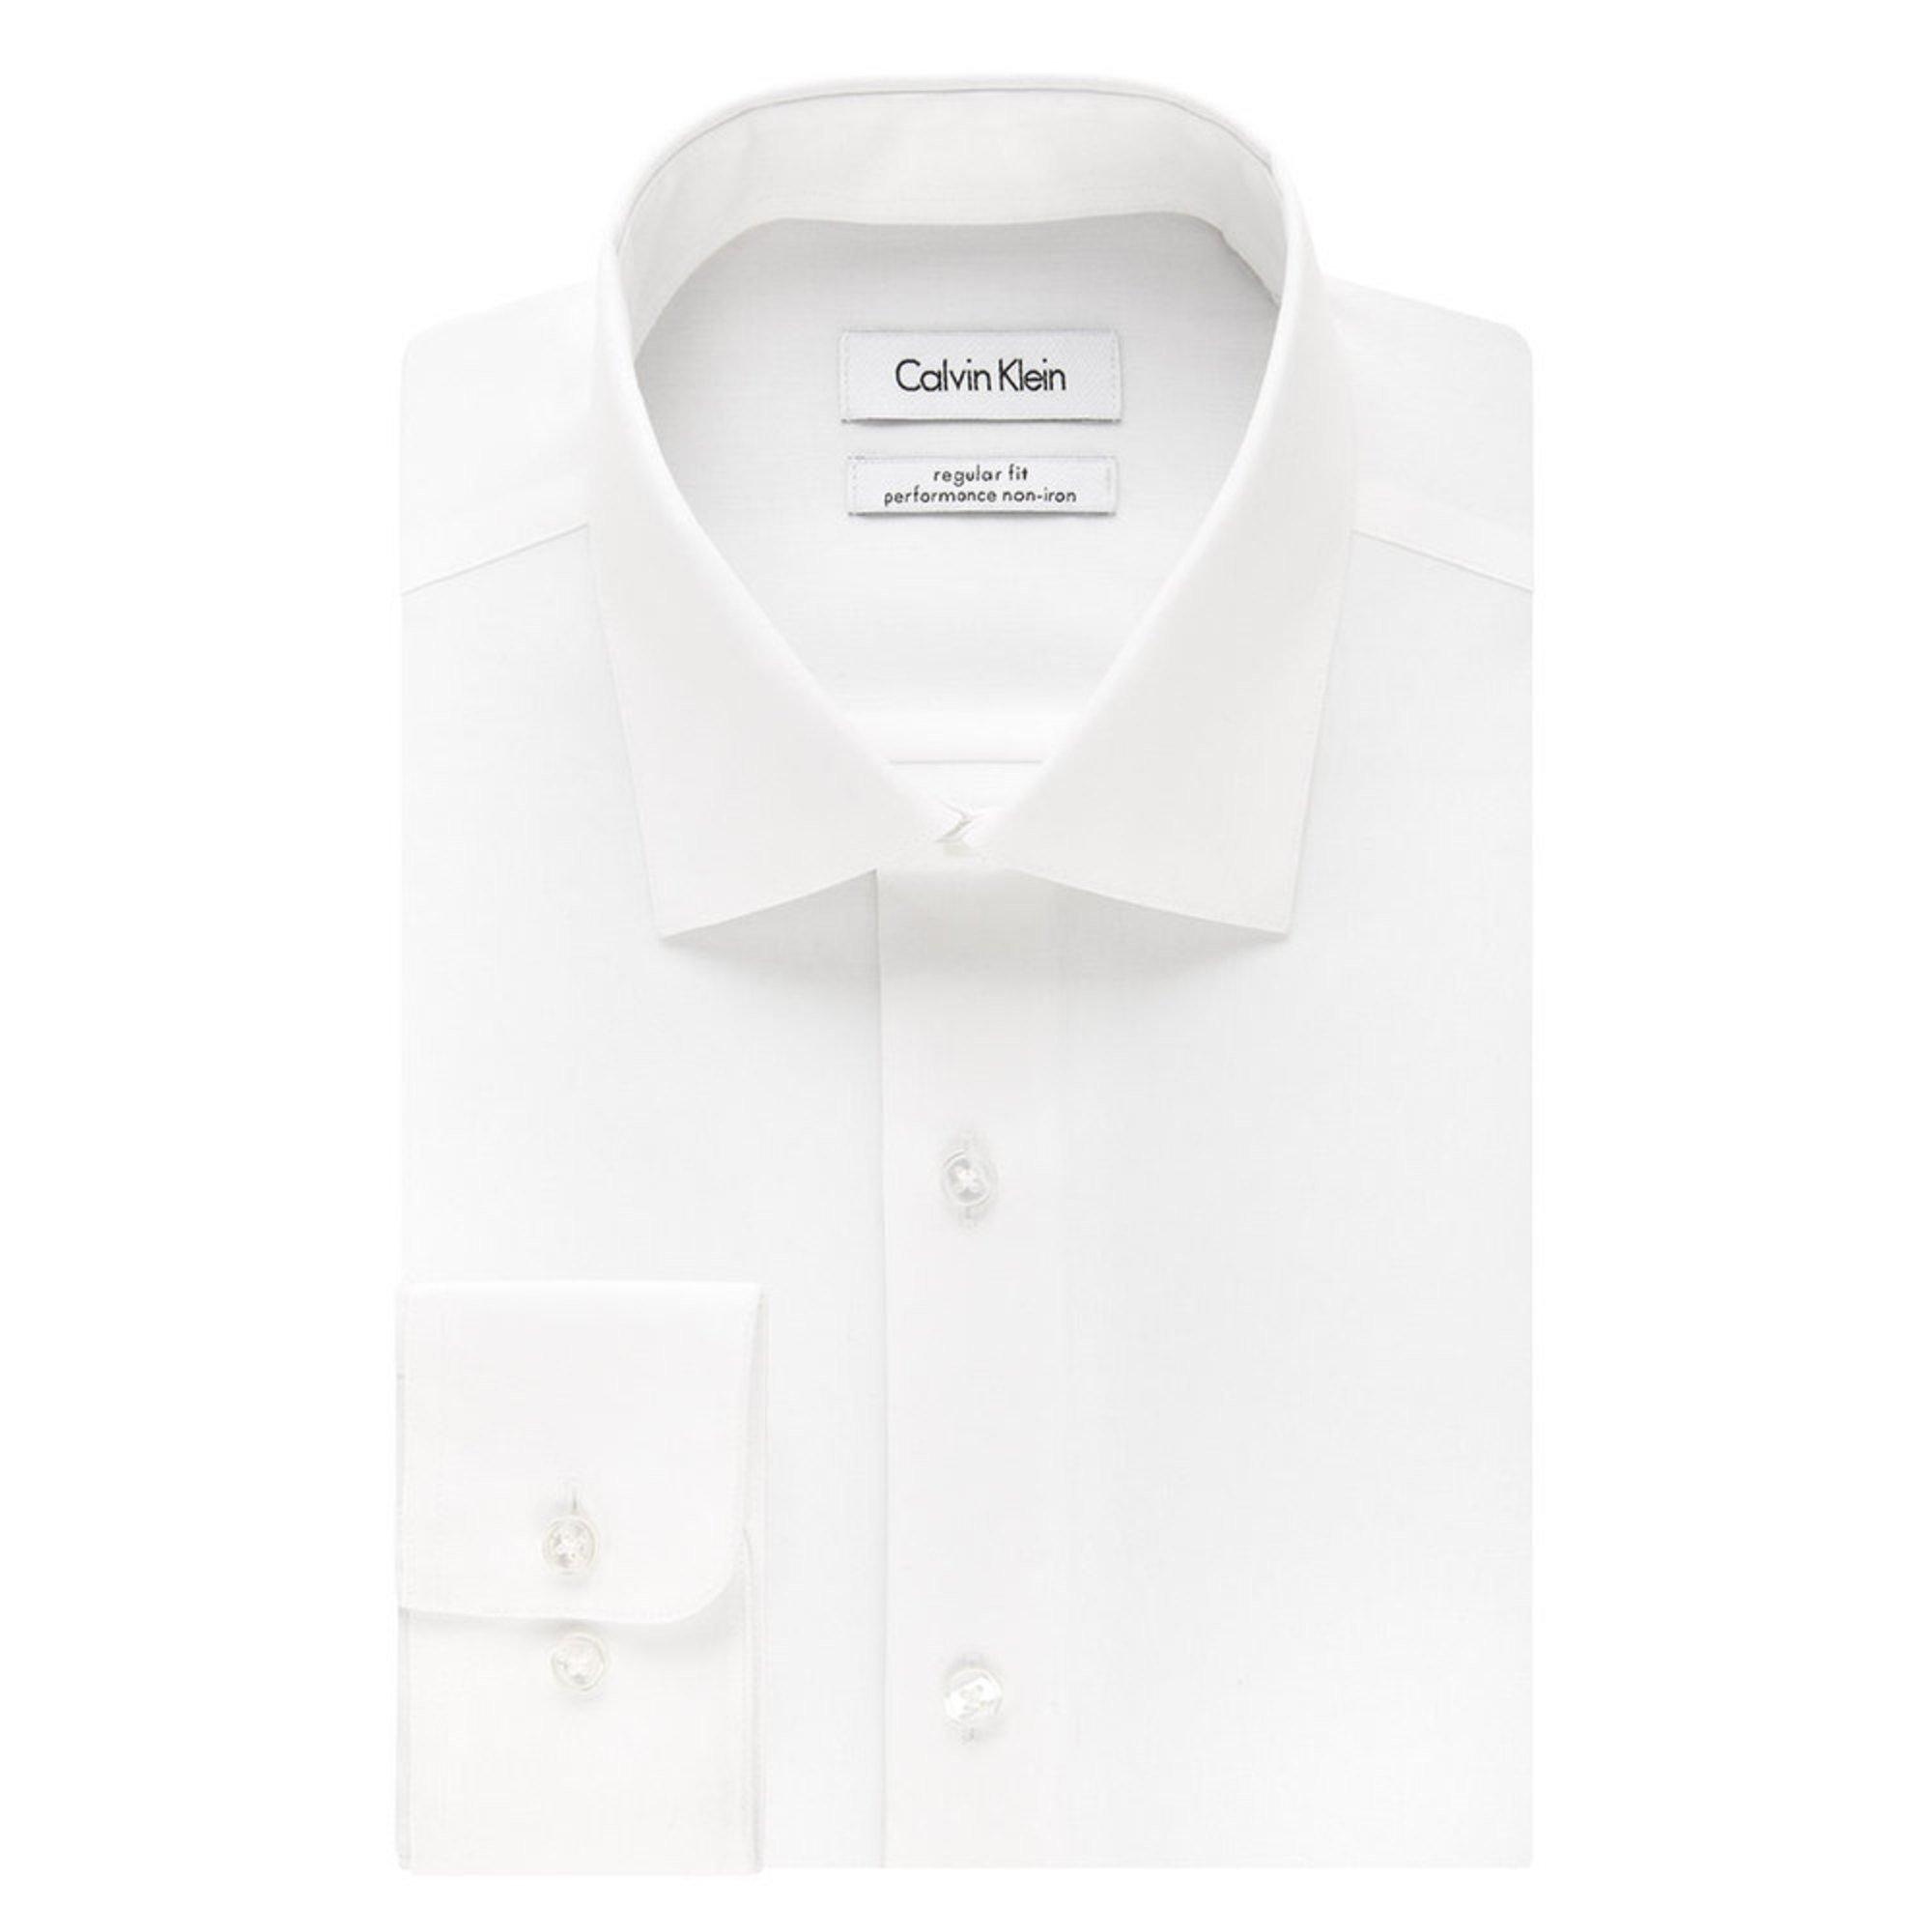 Calvin klein regular fit ni herringbone solid dress shirt for White herringbone dress shirt